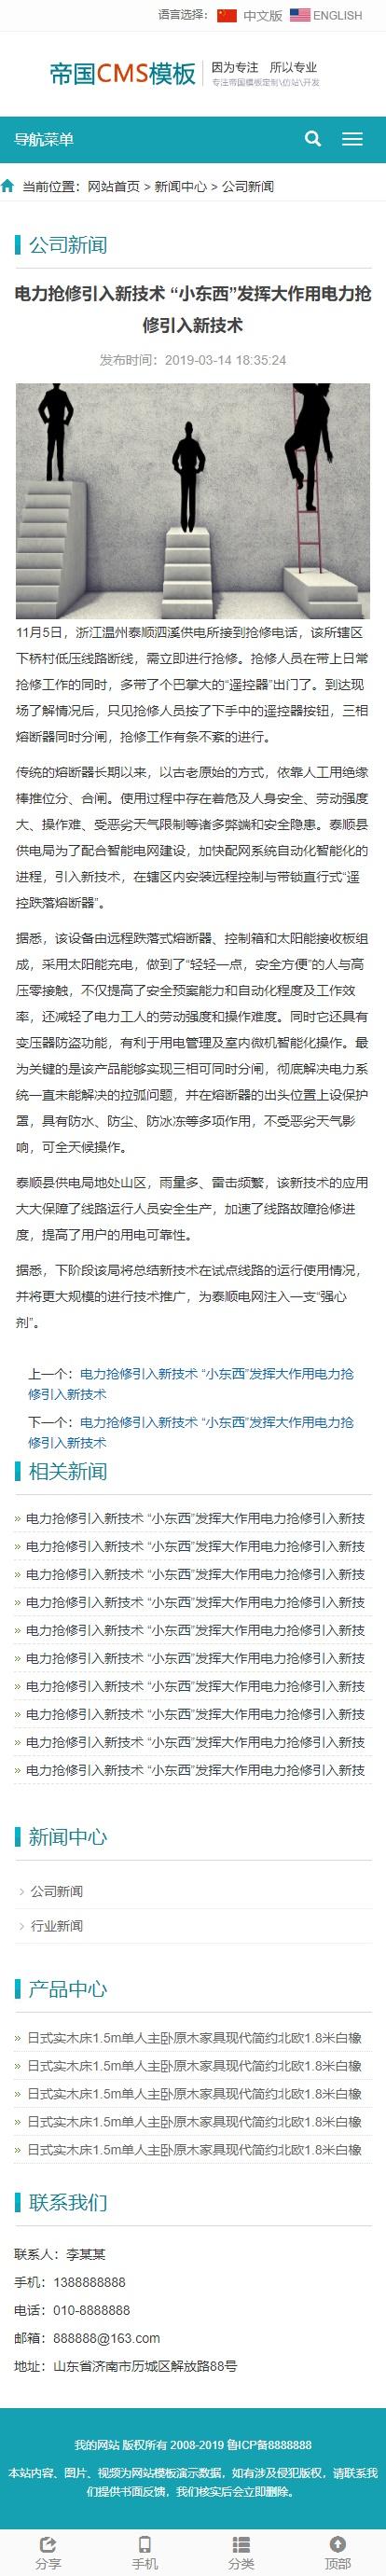 帝国cms模板之公司企业中英文双语版自适应响应式手机网站模板_手机版新闻内容页